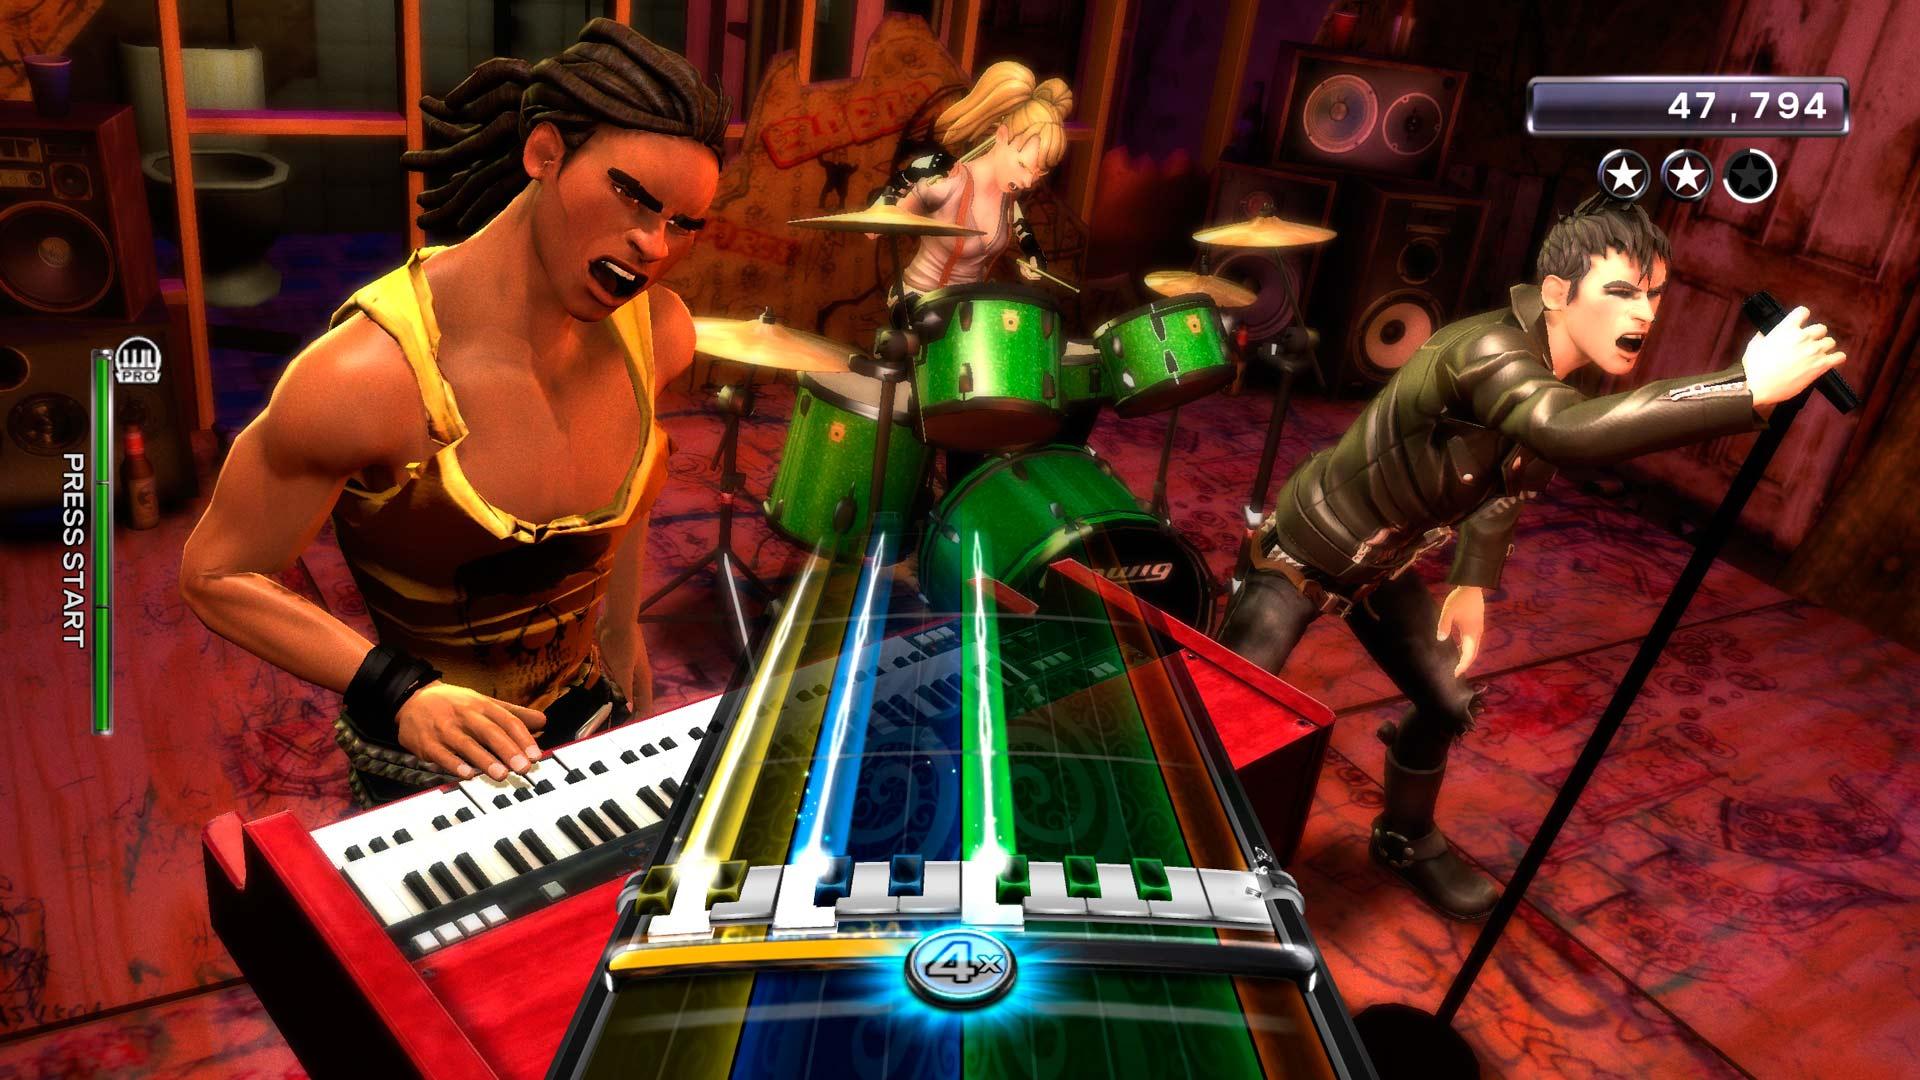 музыка для компьютерных игр 2